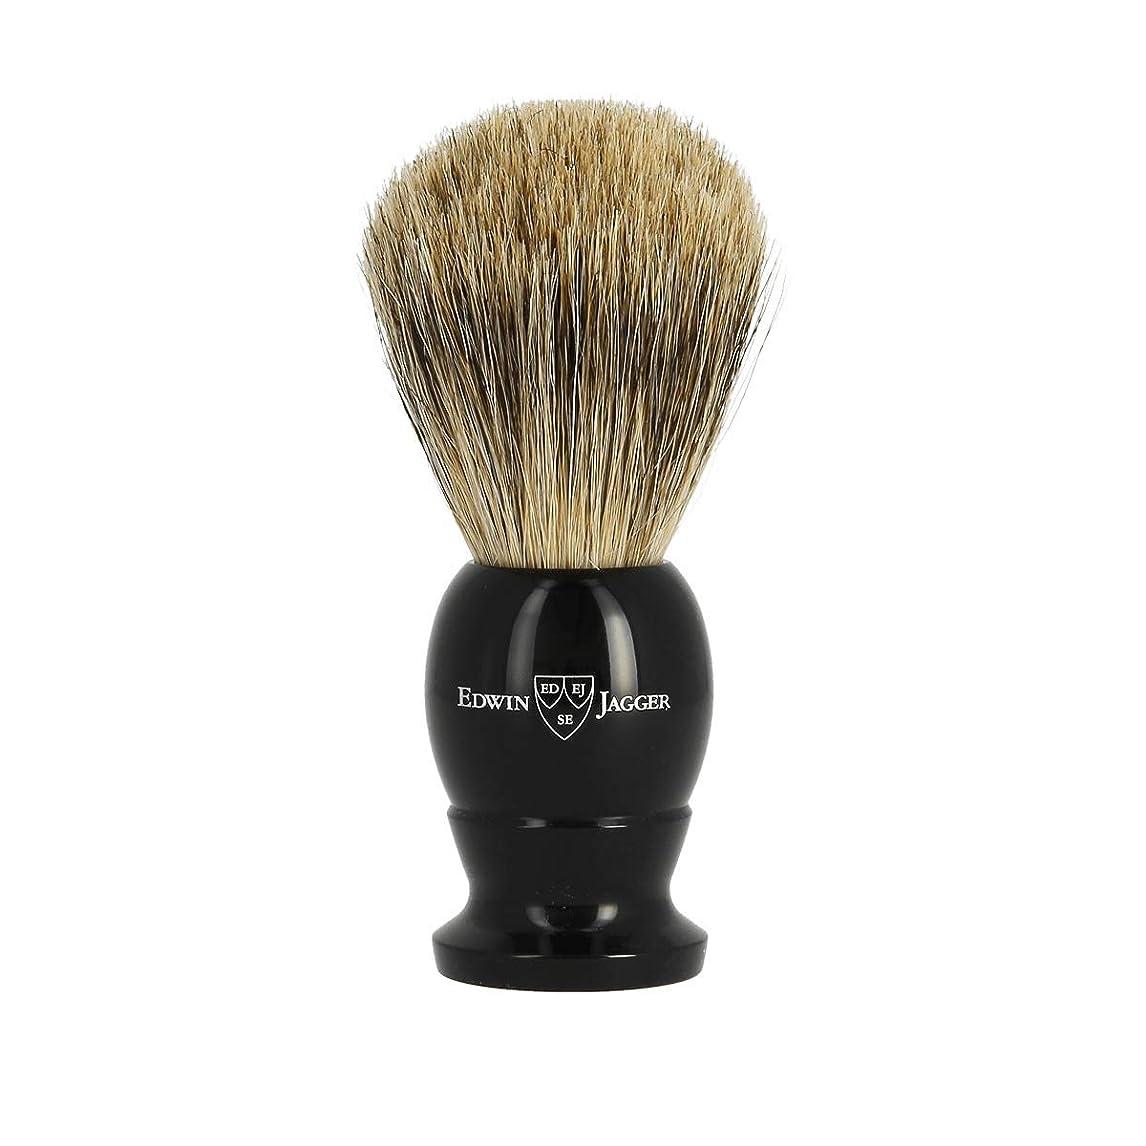 全滅させる幸運な男エドウィンジャガー ベストバッジャーアナグマ毛 エボニーシェービングブラシミディアム1EJ876[海外直送品]Edwin Jagger Best Badger Ebony Shaving Brush Medium 1EJ876 [並行輸入品]